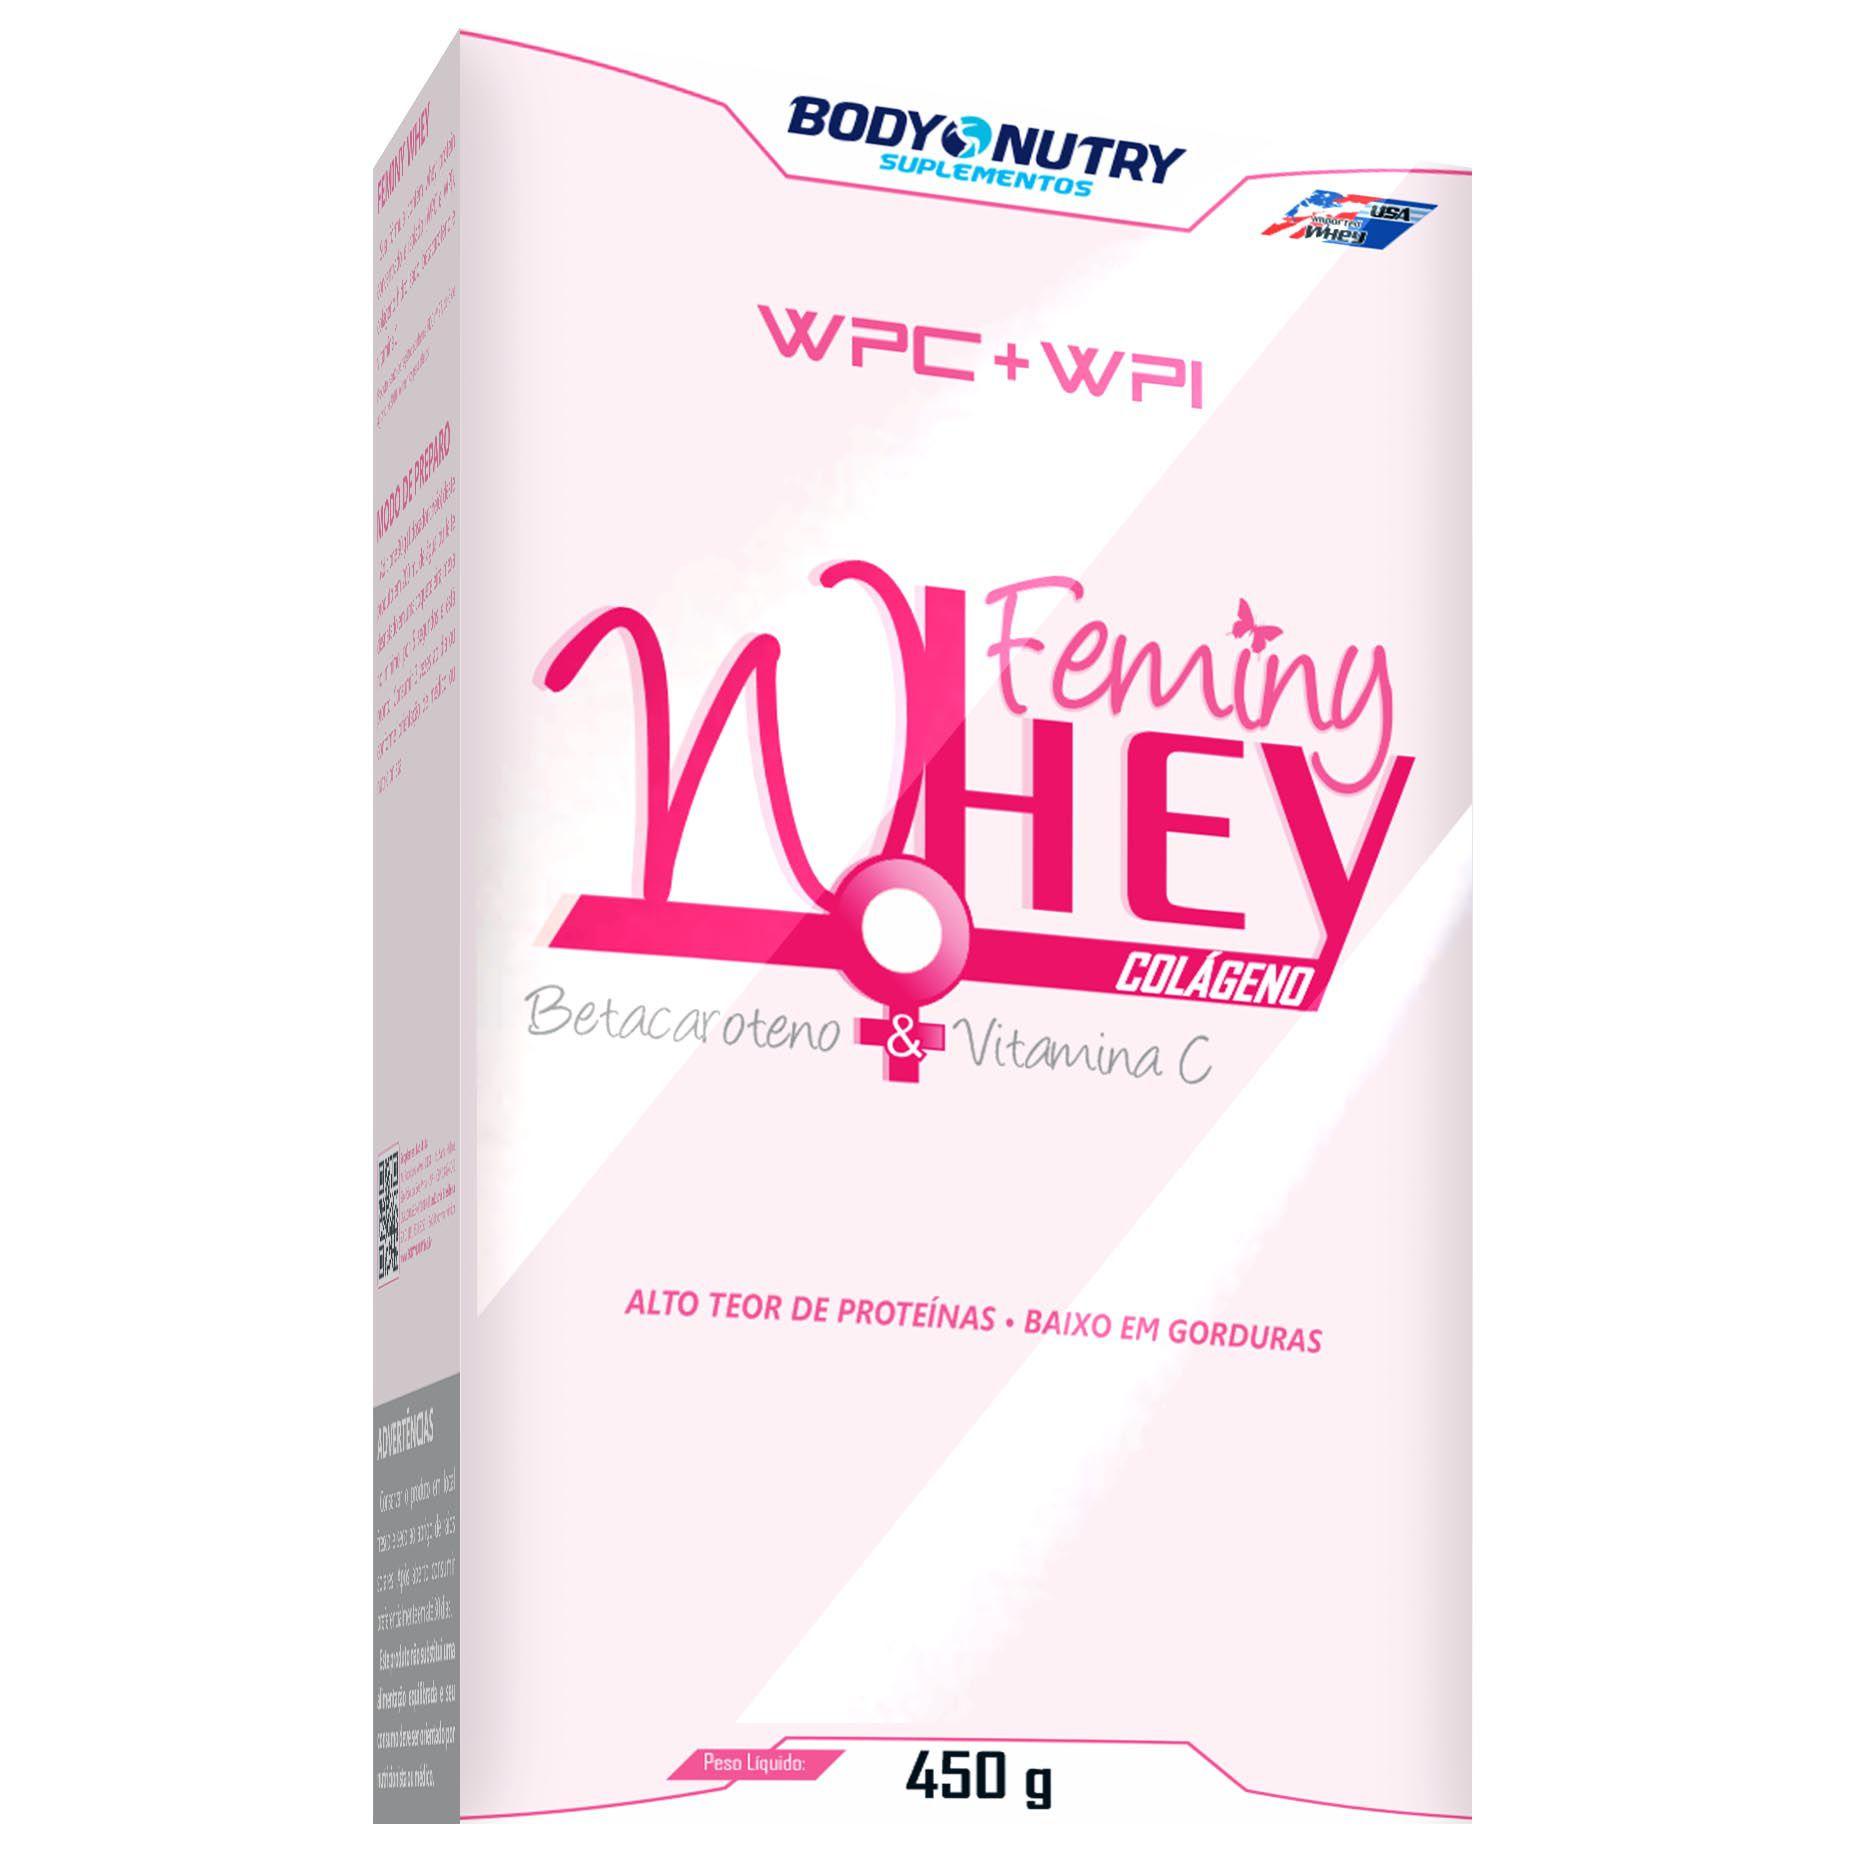 Femini Whey 450g Body Nutry